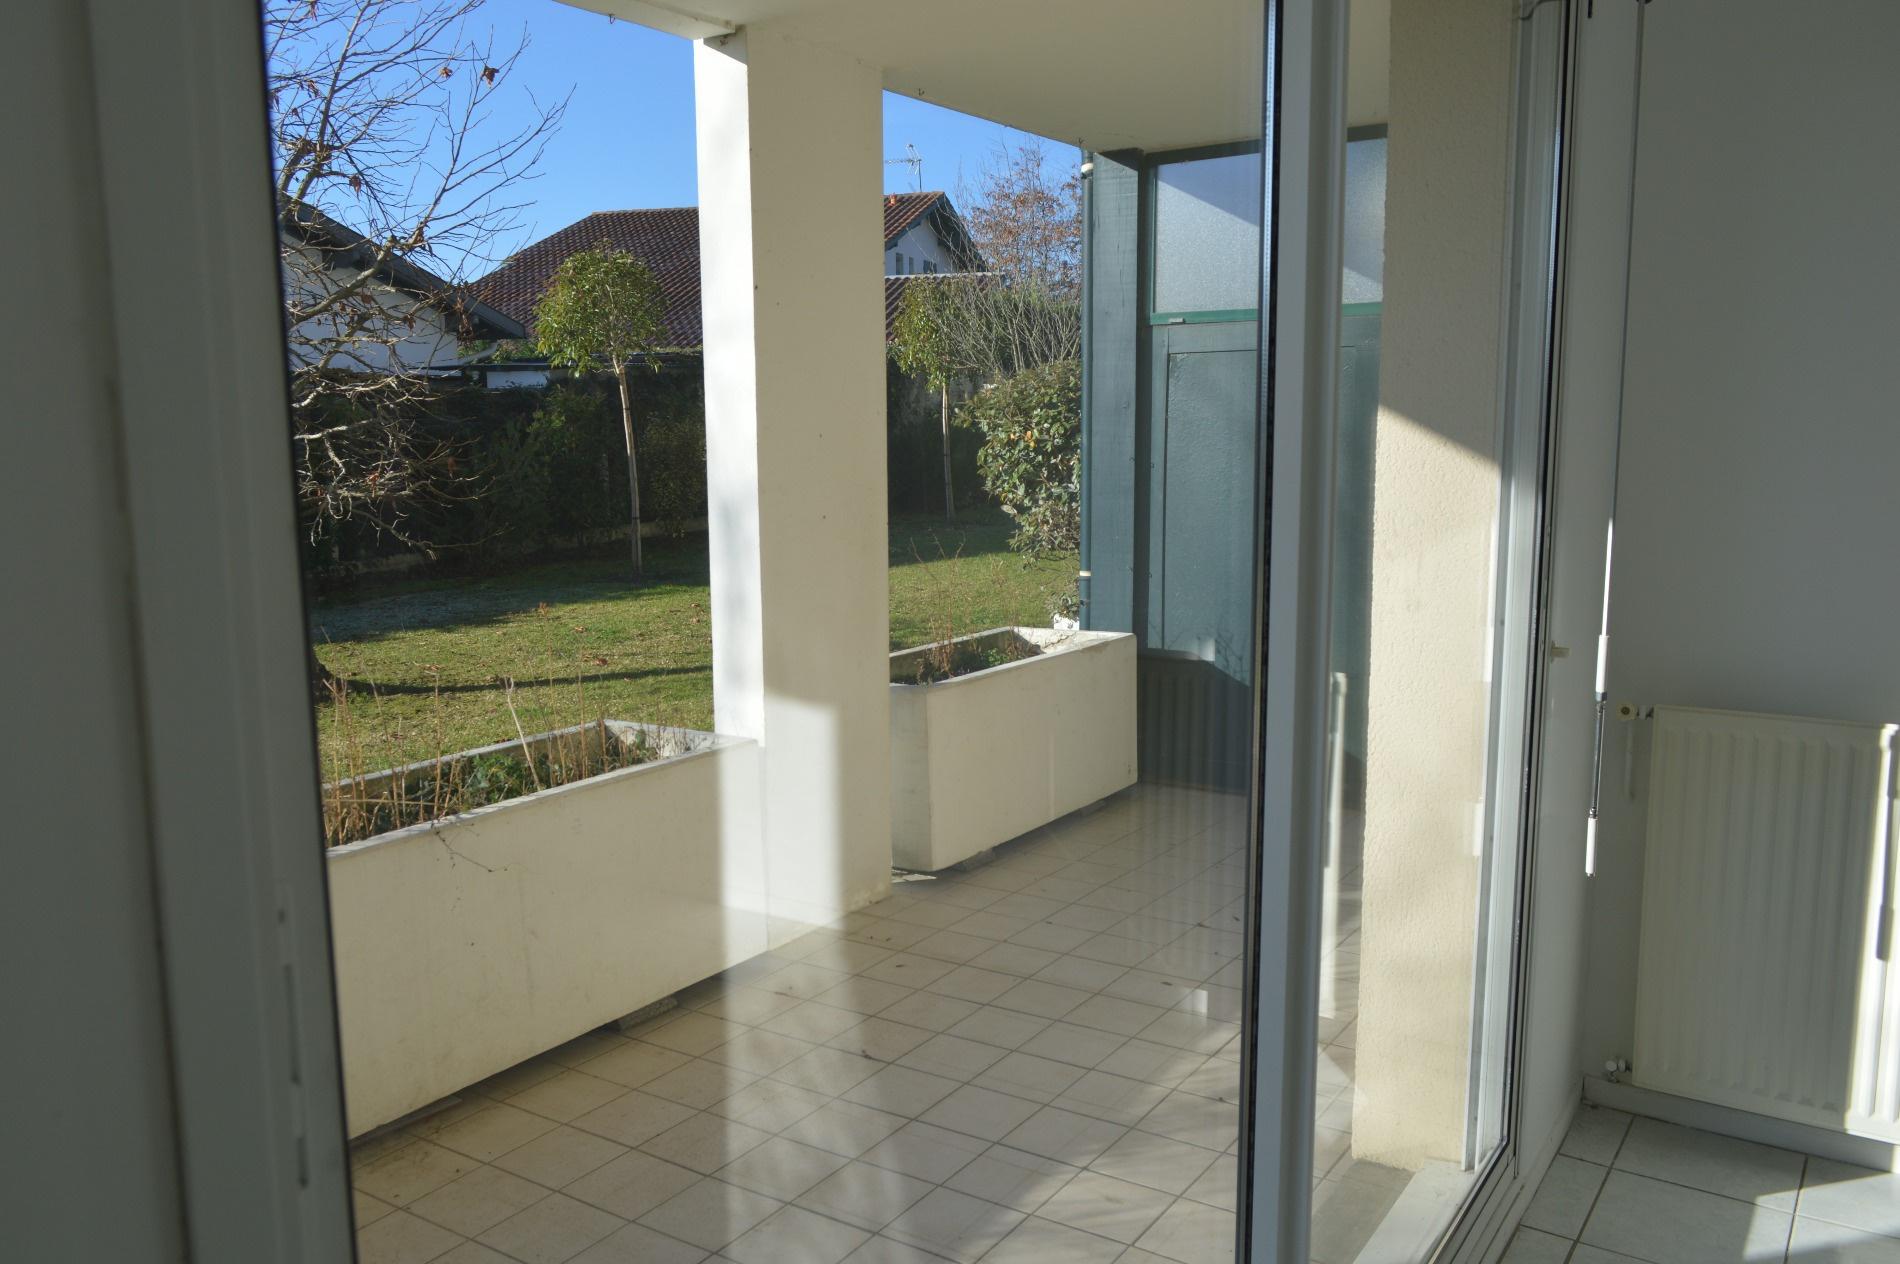 Vente appartement t3 en rez de jardin avec terrasse for Jardin terrasse appartement